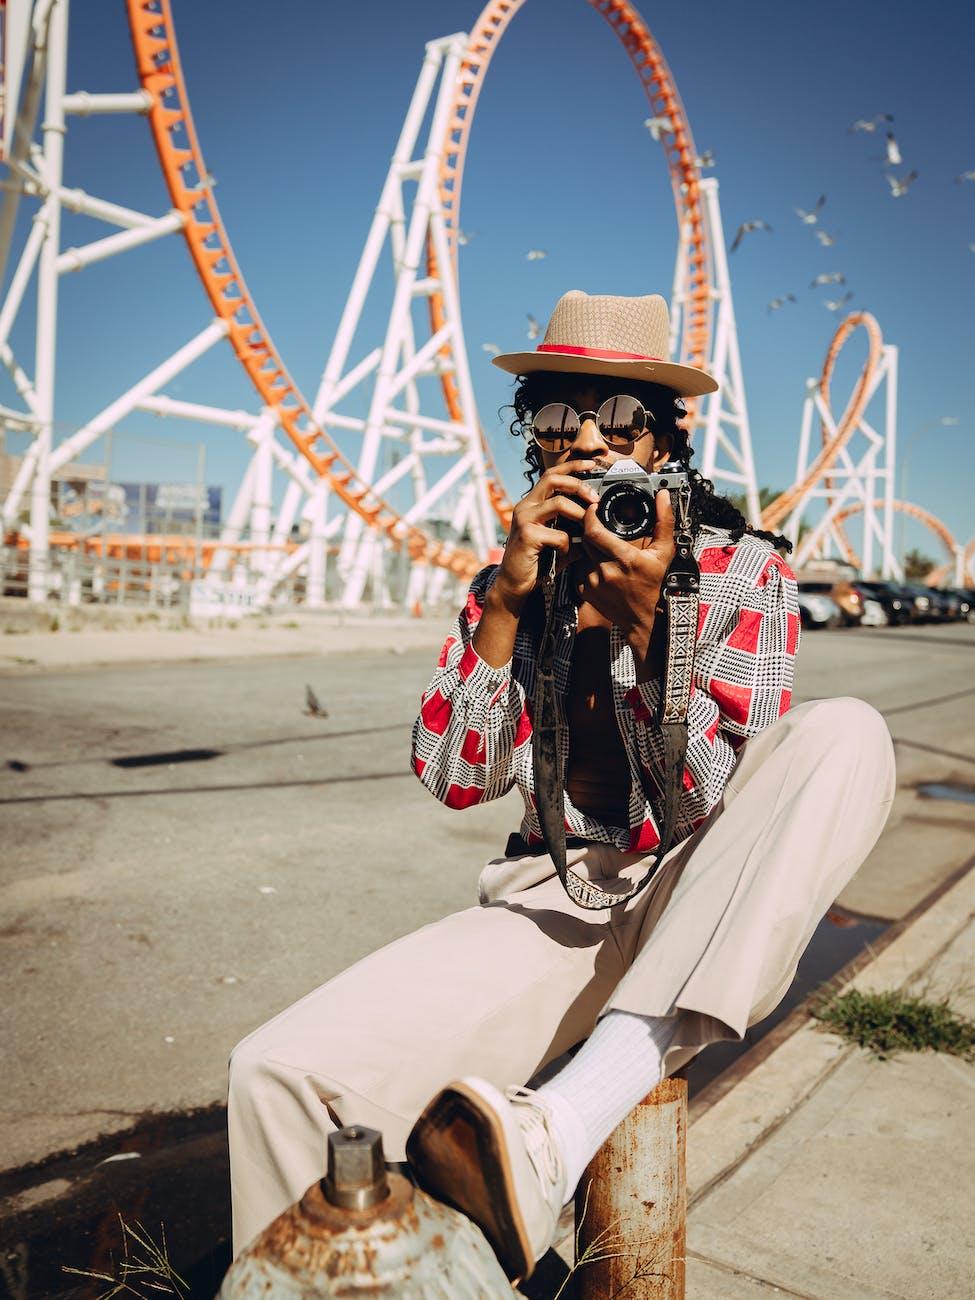 Comment vendre des photos pour gagner de l'argent en tant que photographe amateur